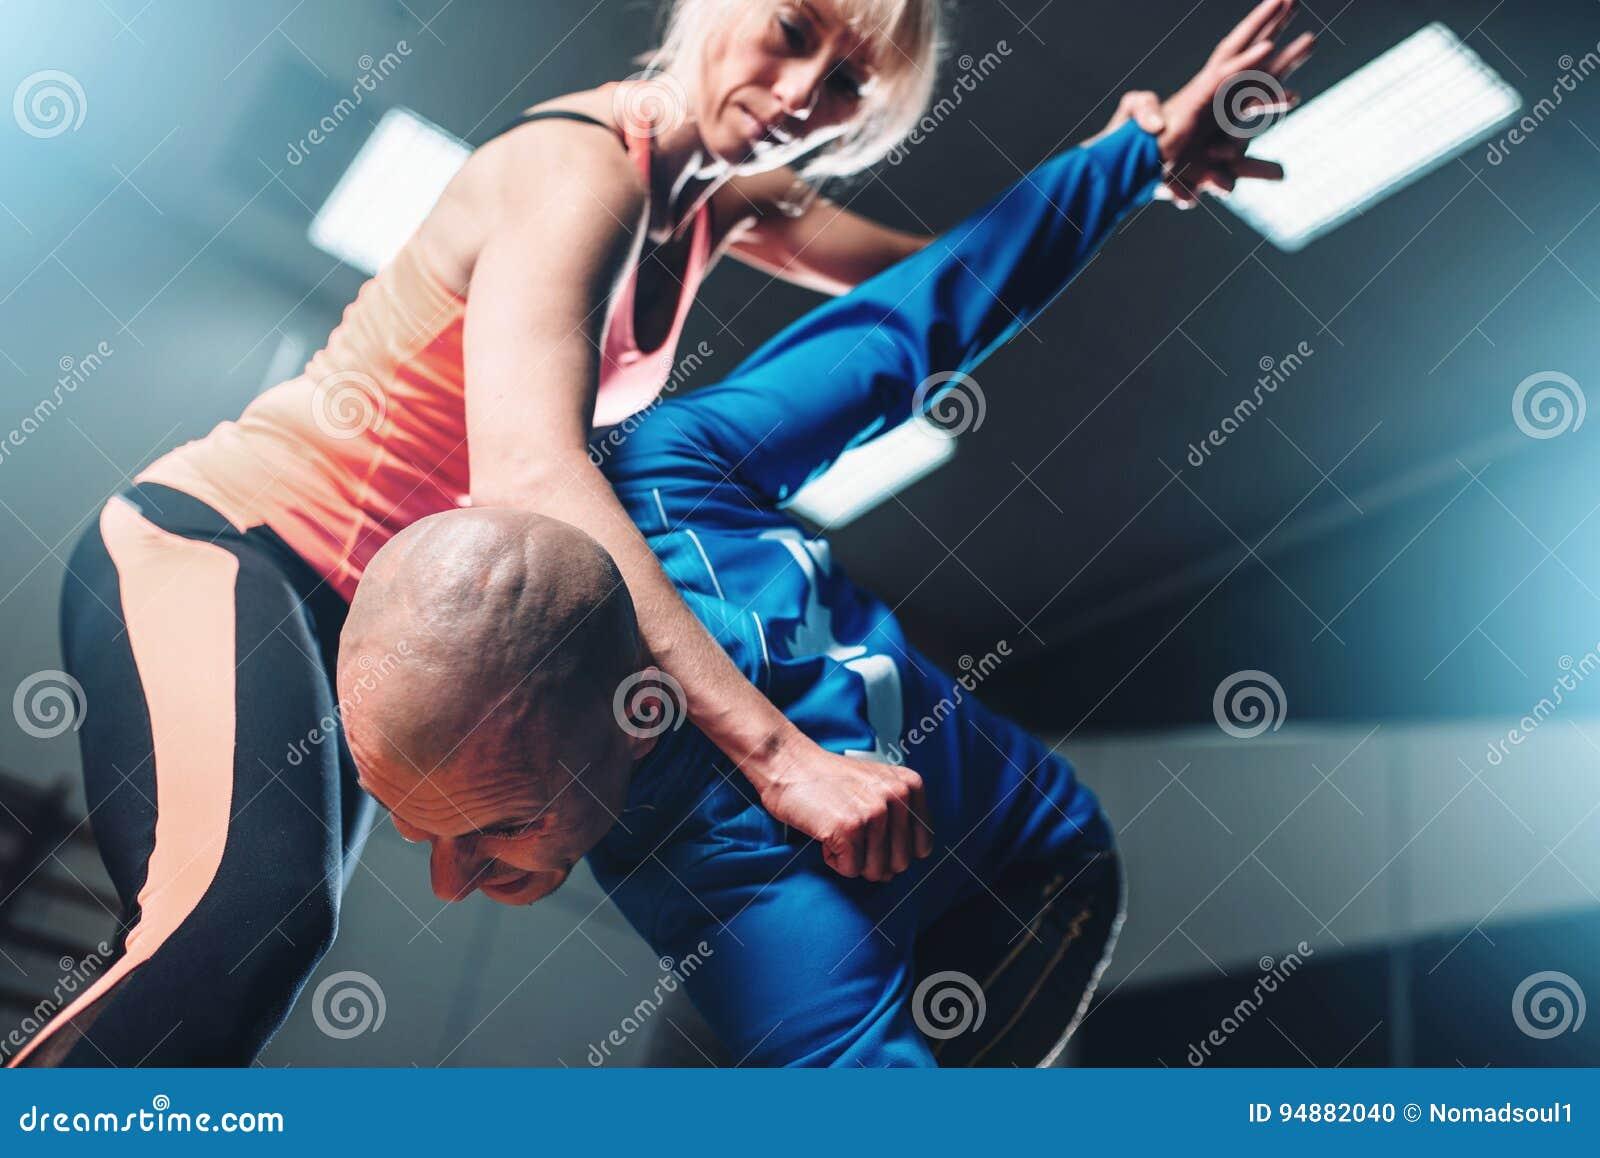 Combattants masculins et femelles, technique d autodéfense